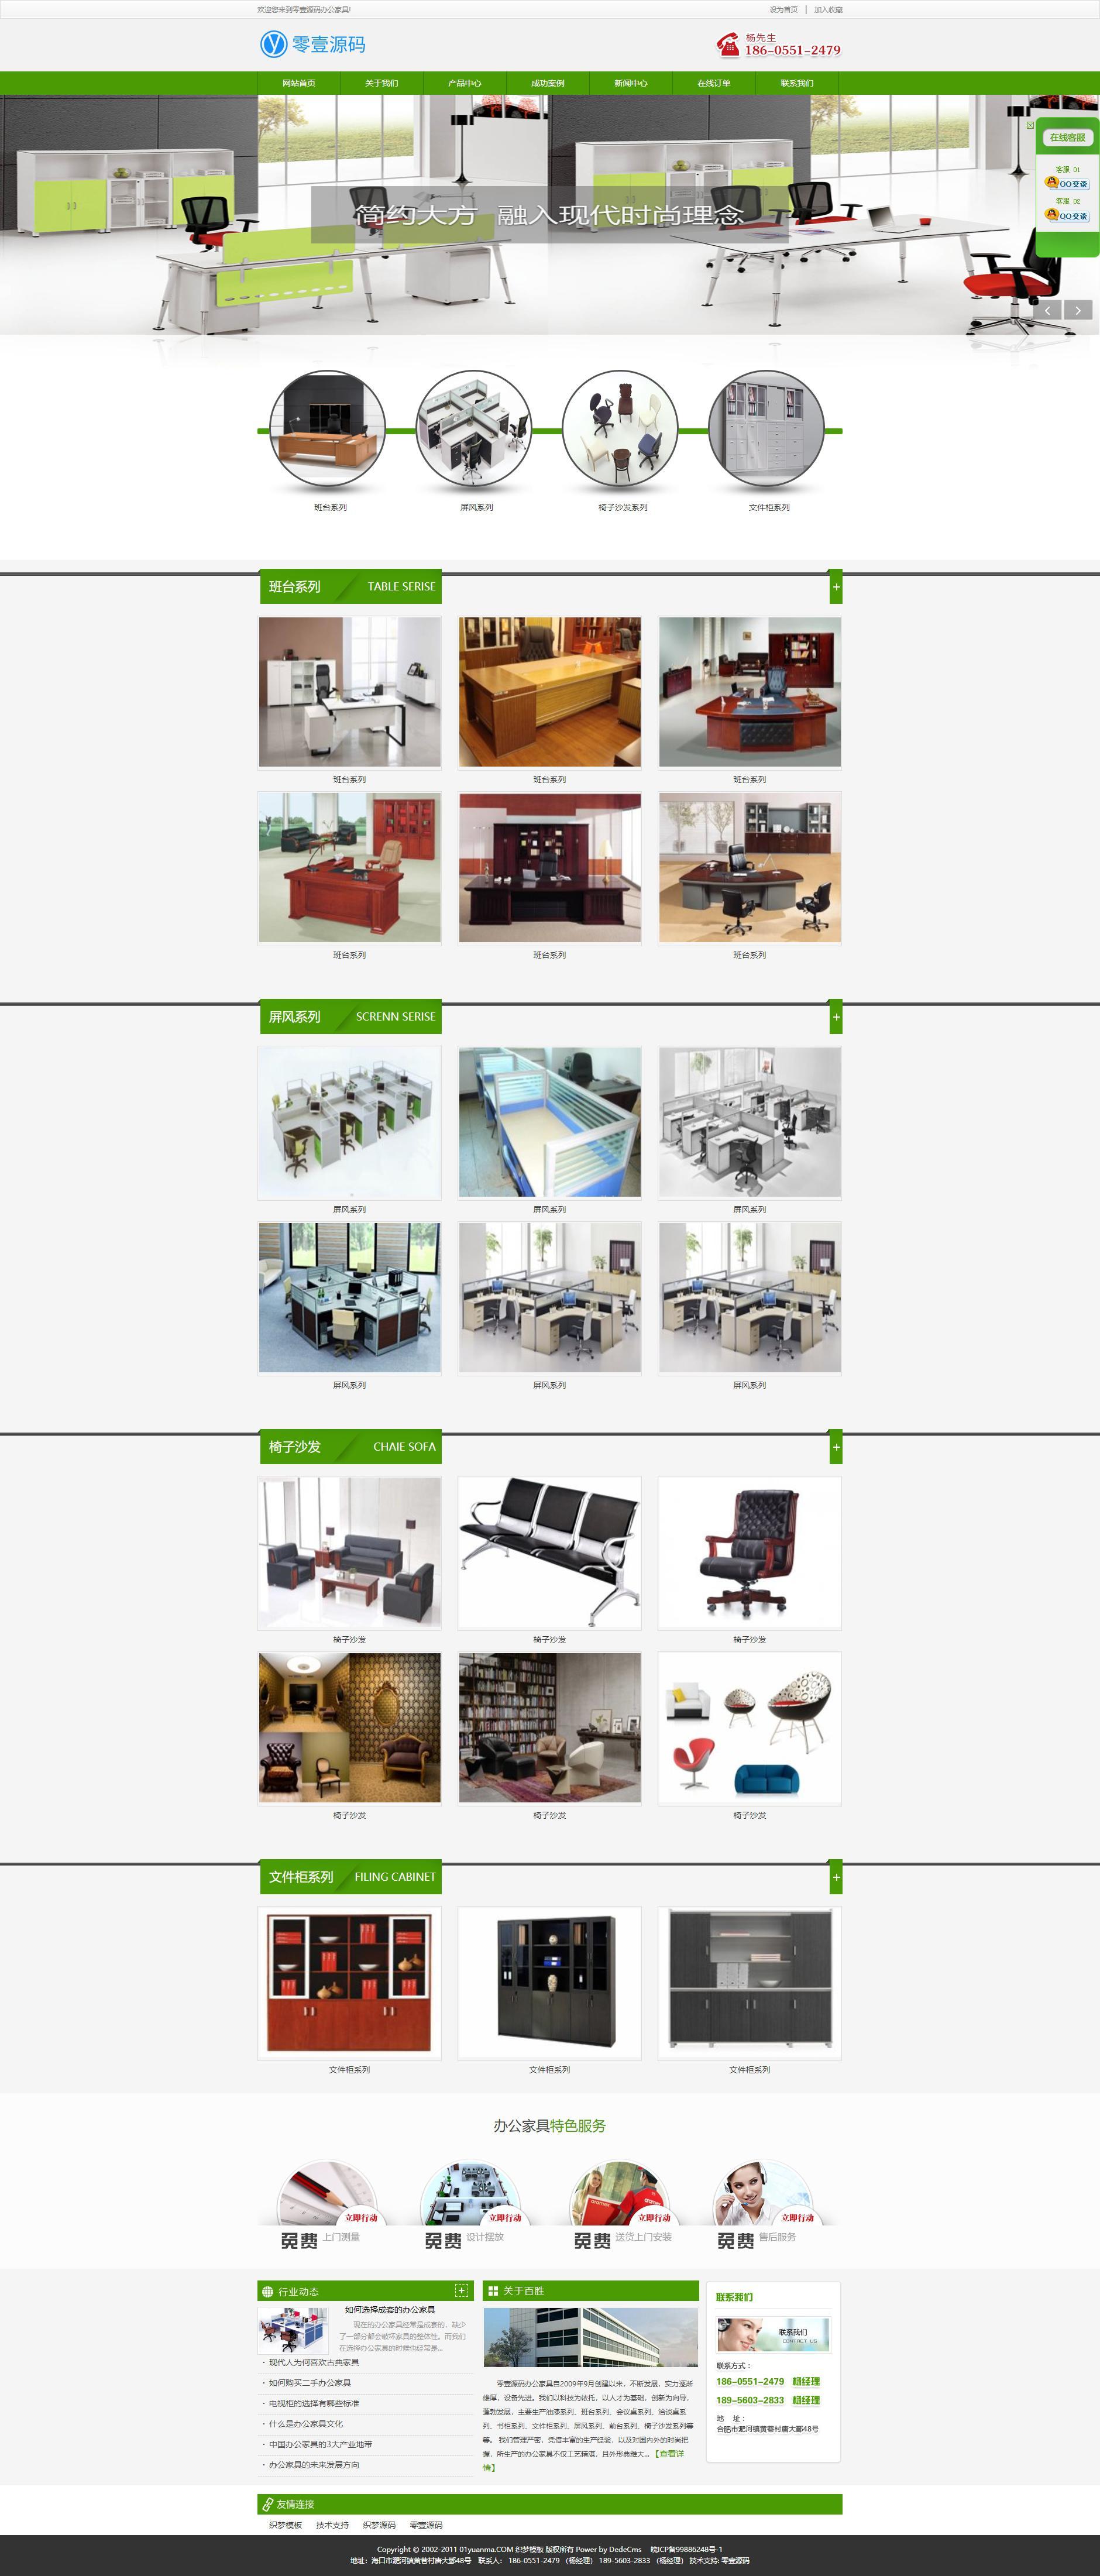 绿色大气办公家具类企业织梦dedecms模板